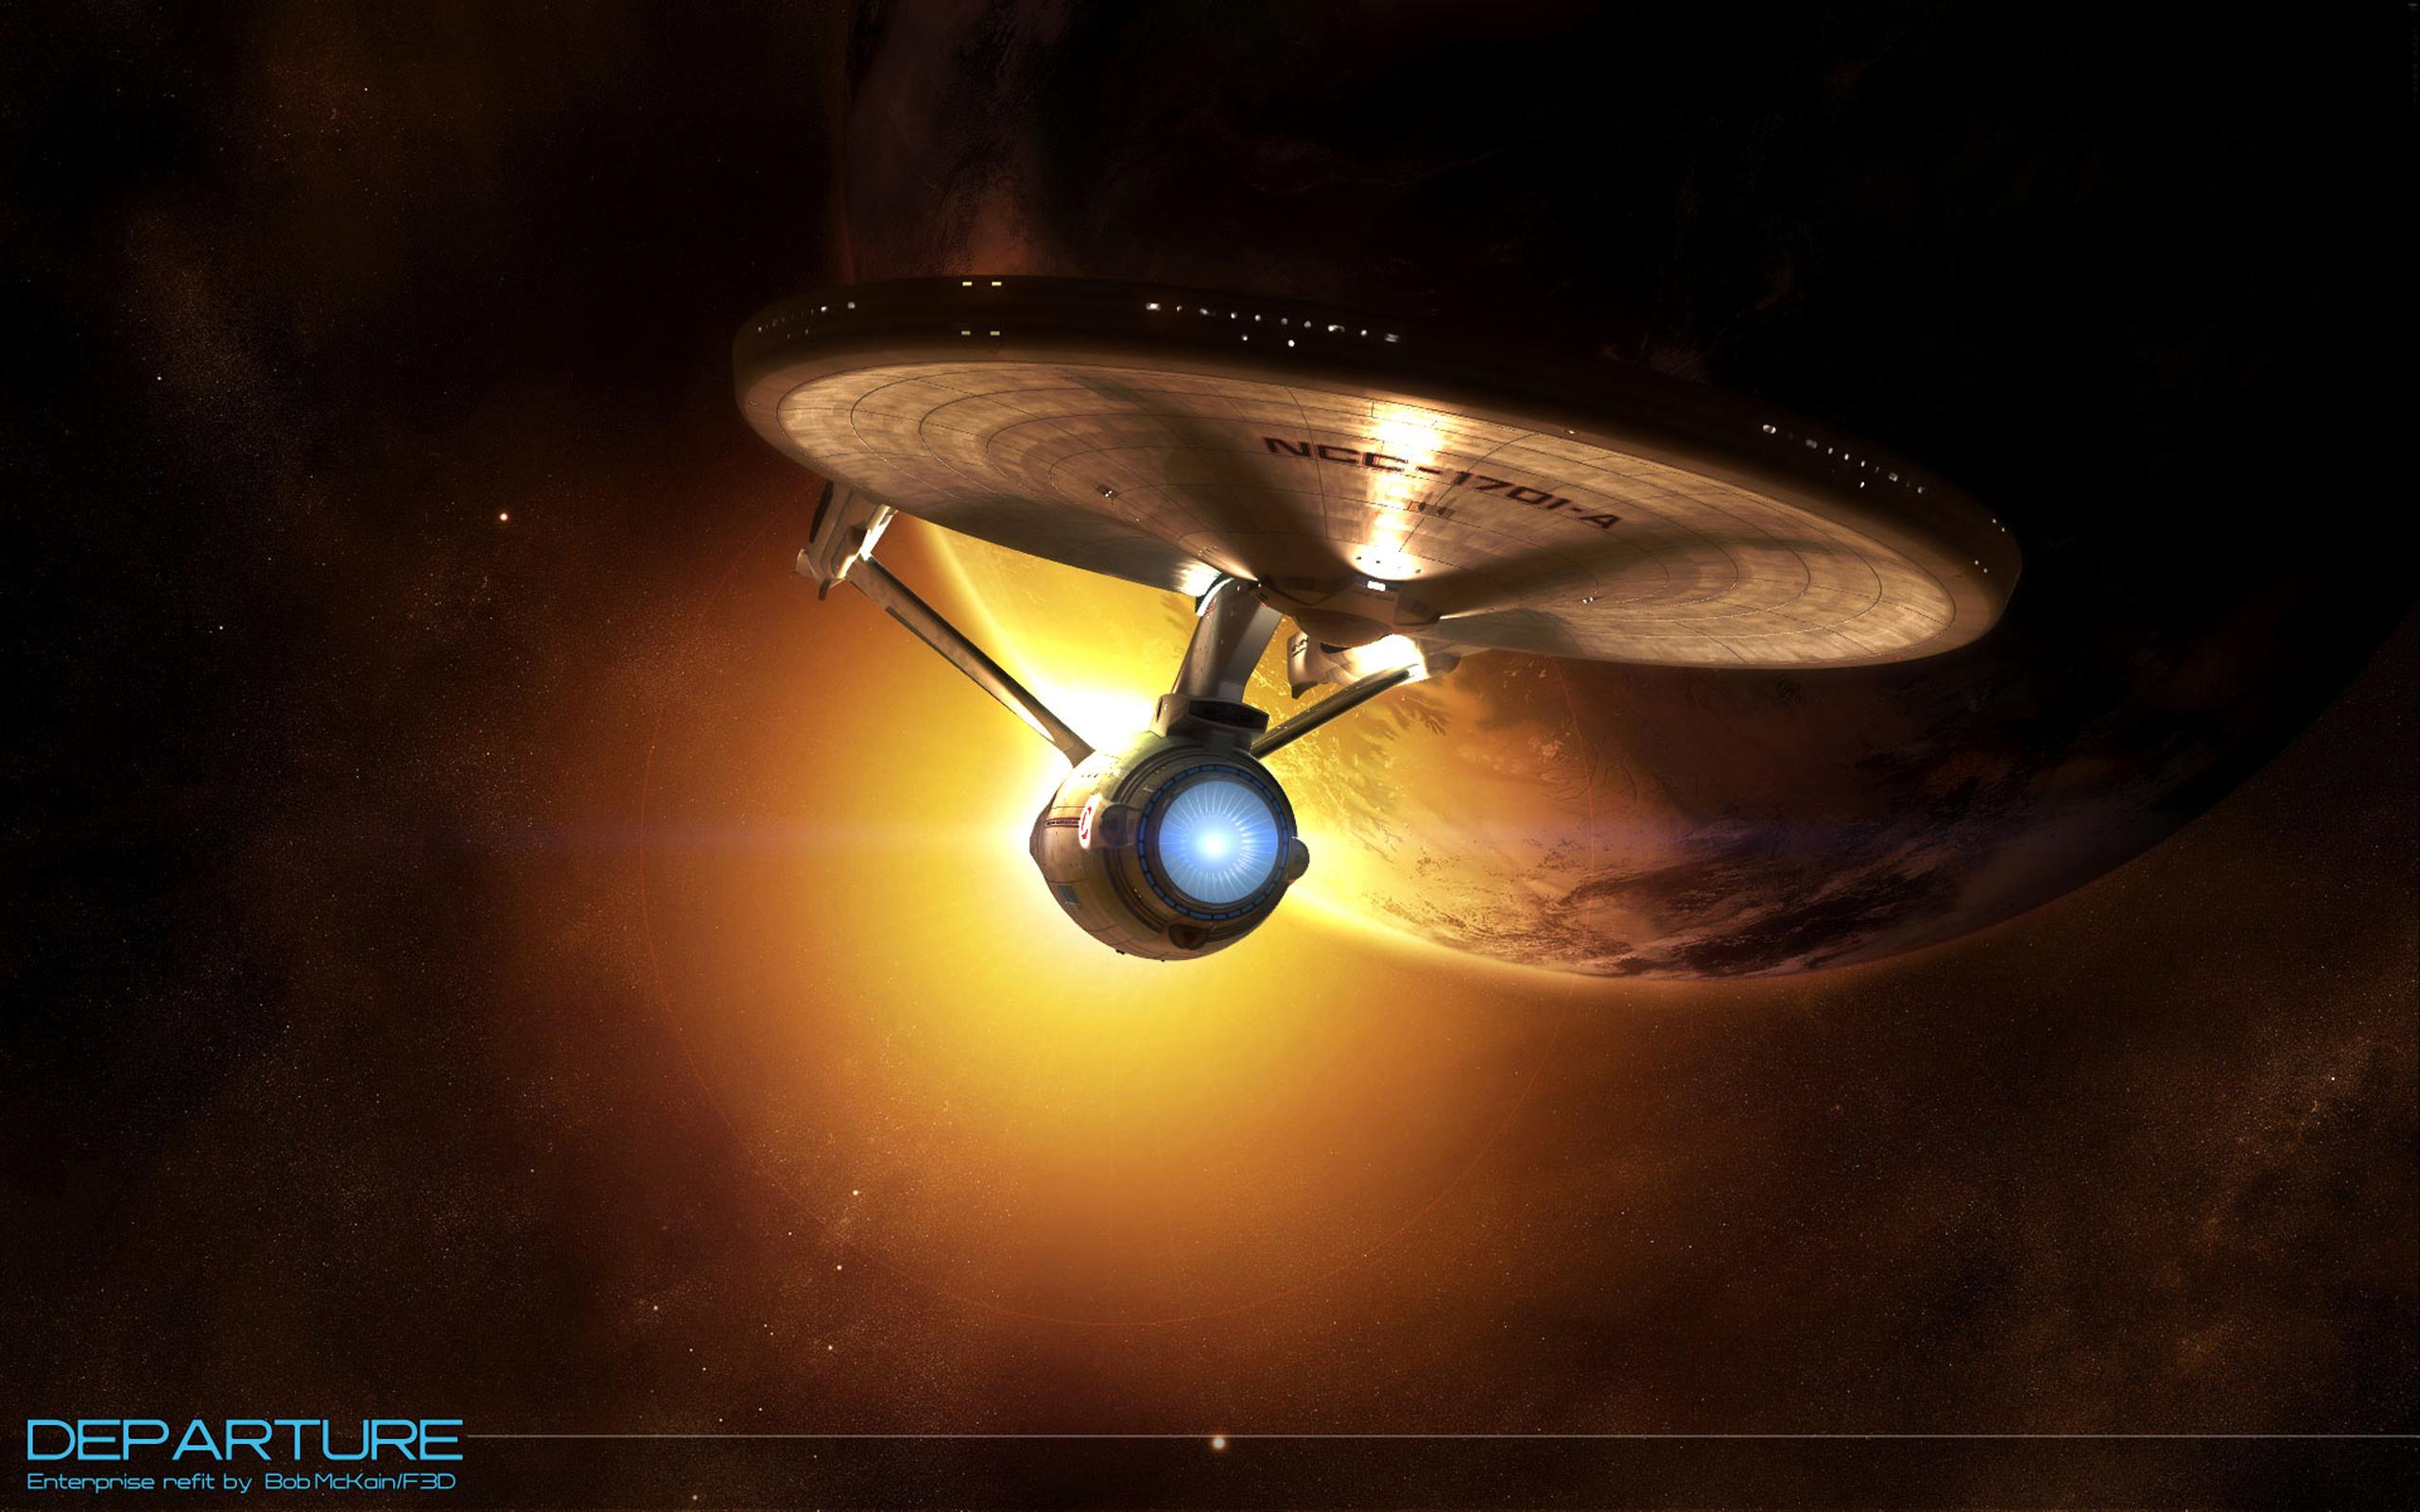 Star Trek Departure   Star Trek computer desktop wallpaper 2560x1600